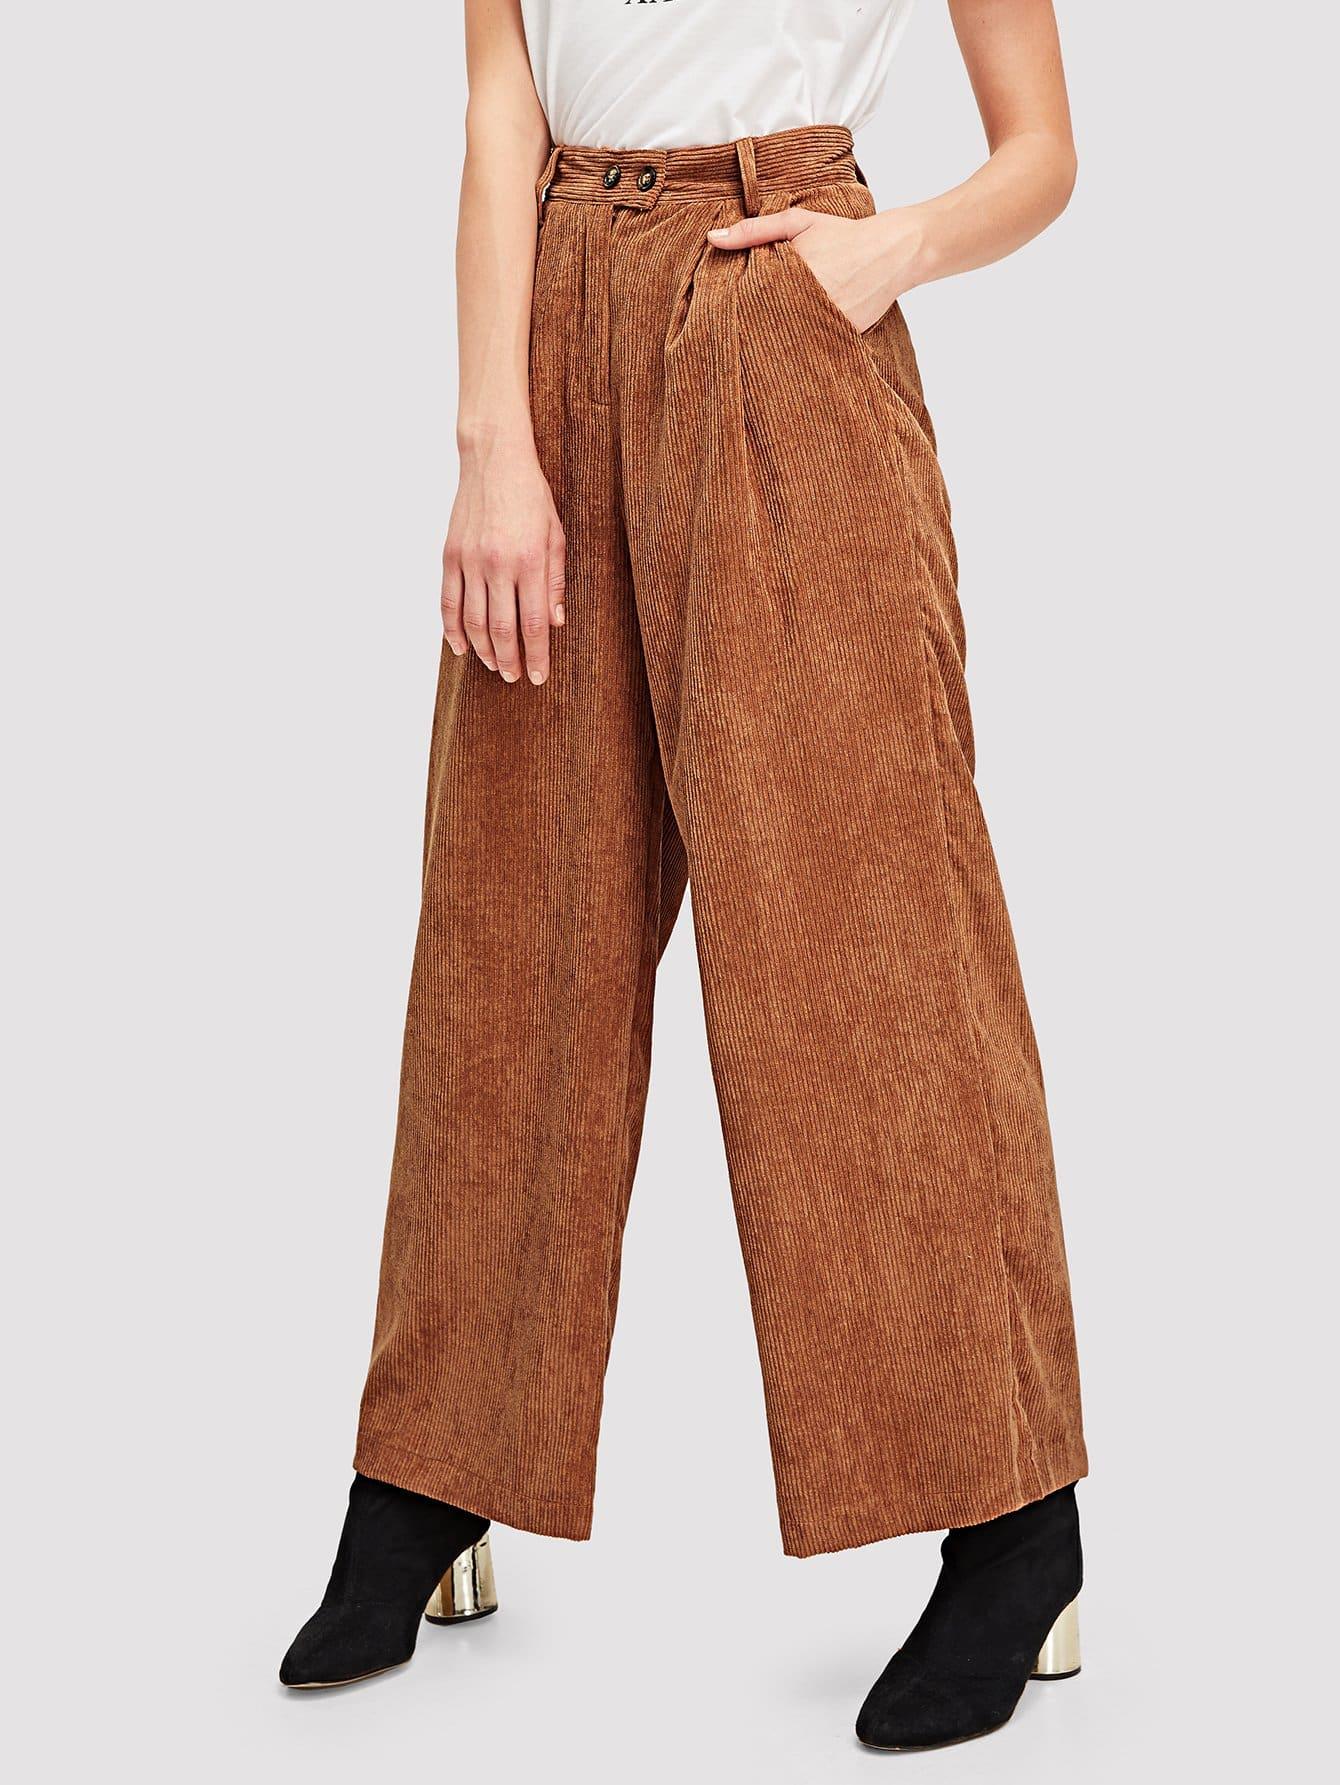 Фото - Одноцветные широкие брюки от SheIn коричневого цвета